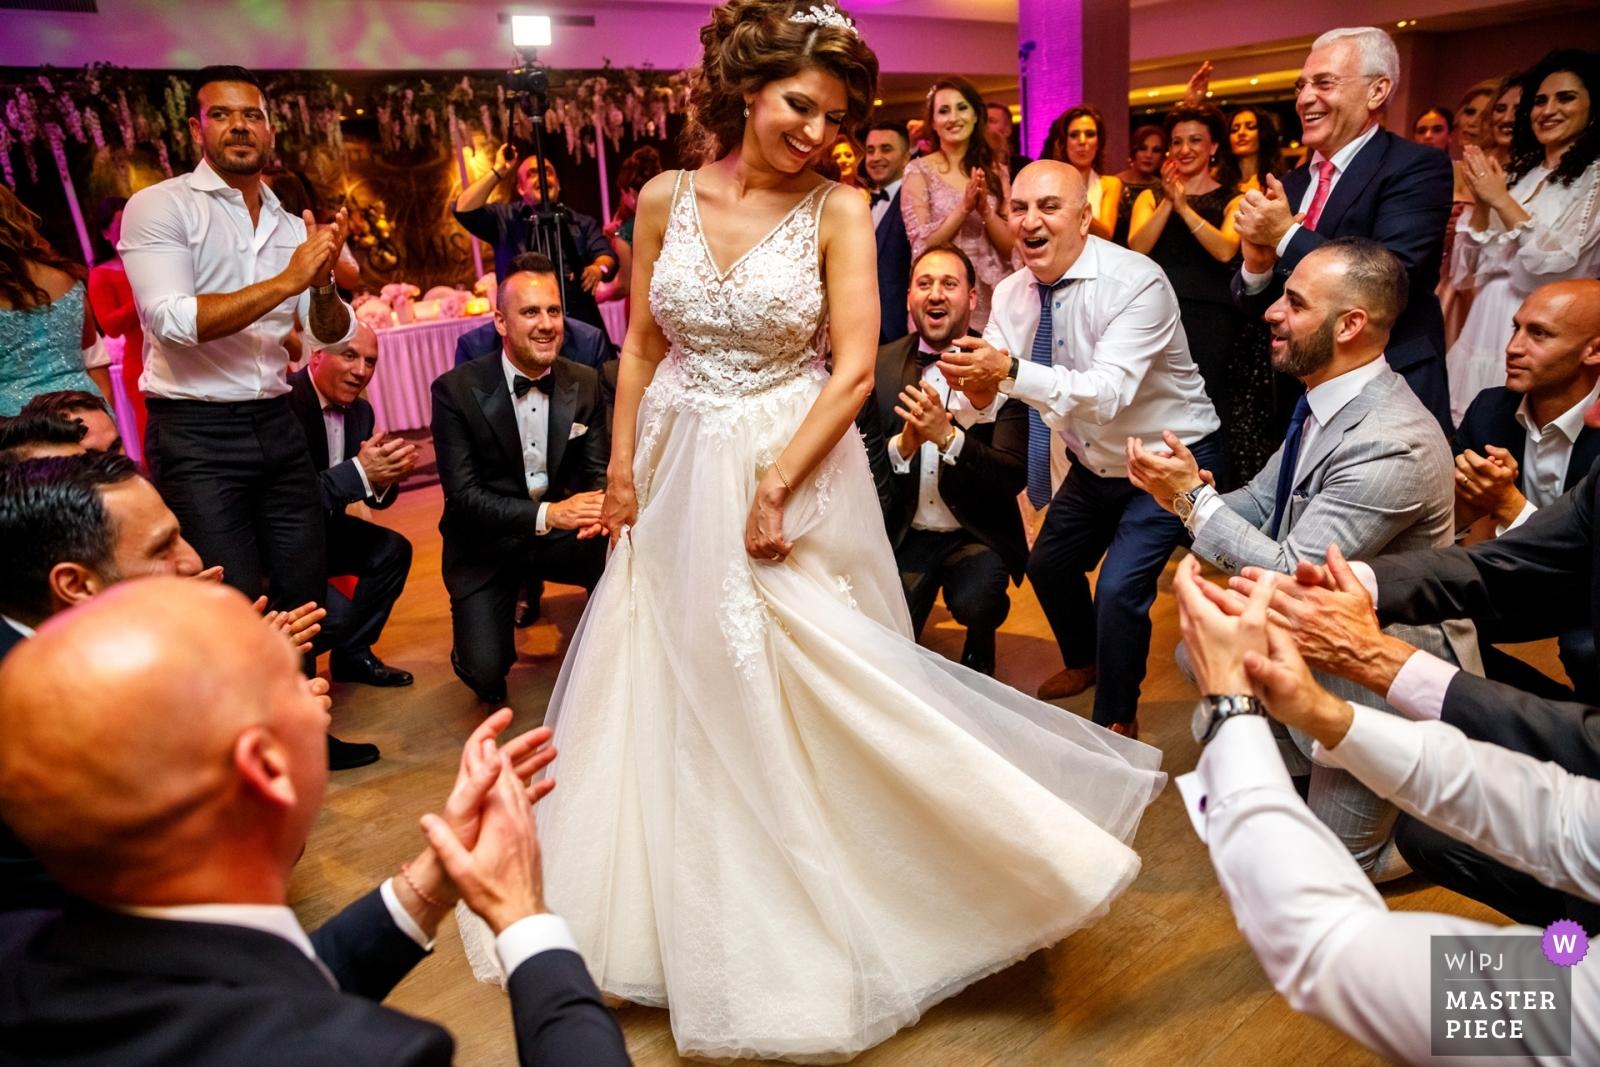 Dancing in the middle - Overijssel, Netherlands Wedding Photography -    Hengelo - Waarbeek